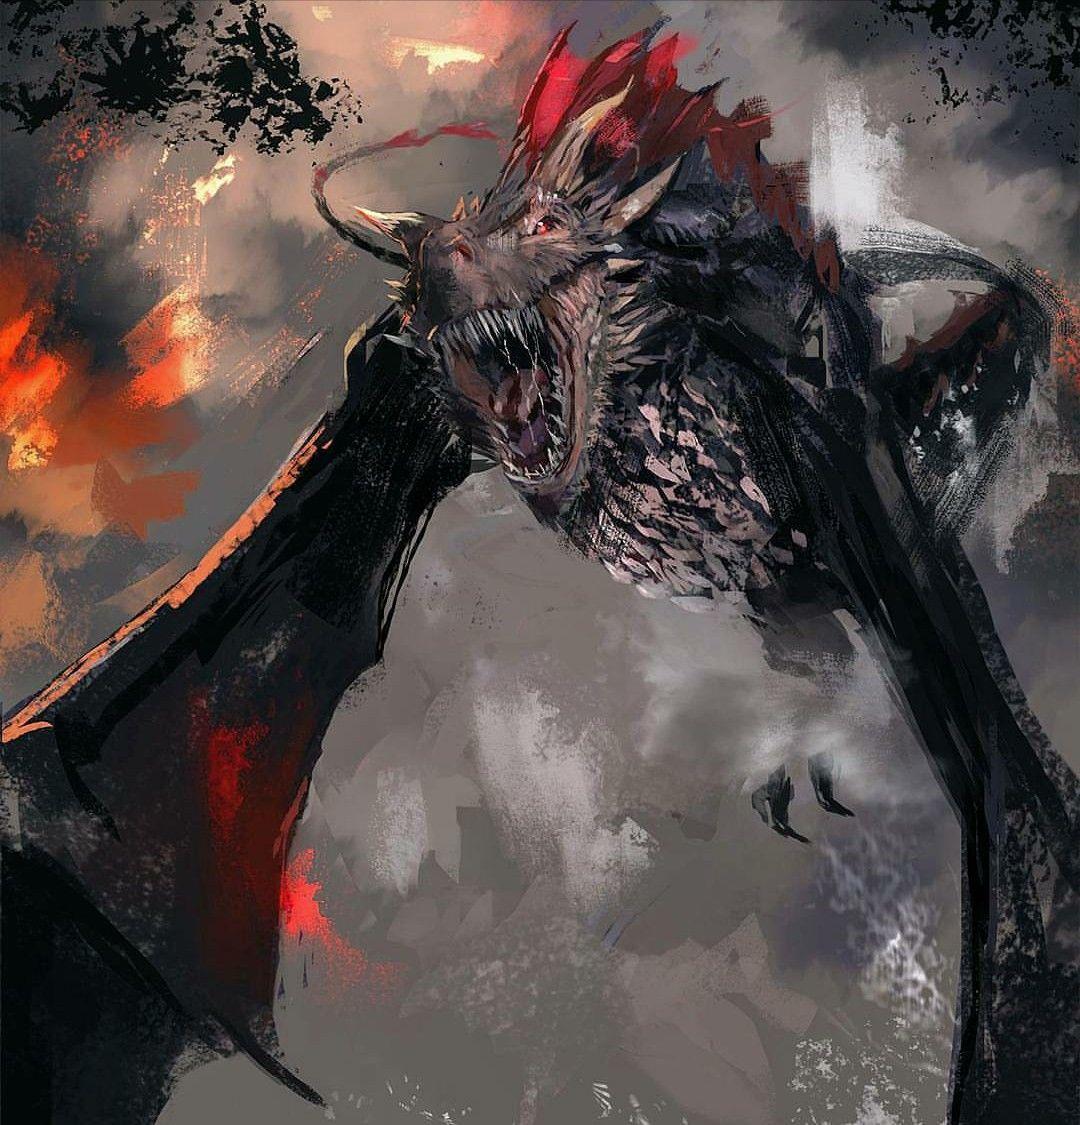 Drogon Game Of Thrones En 2019 Dragones Juego De Tronos Y Bestia